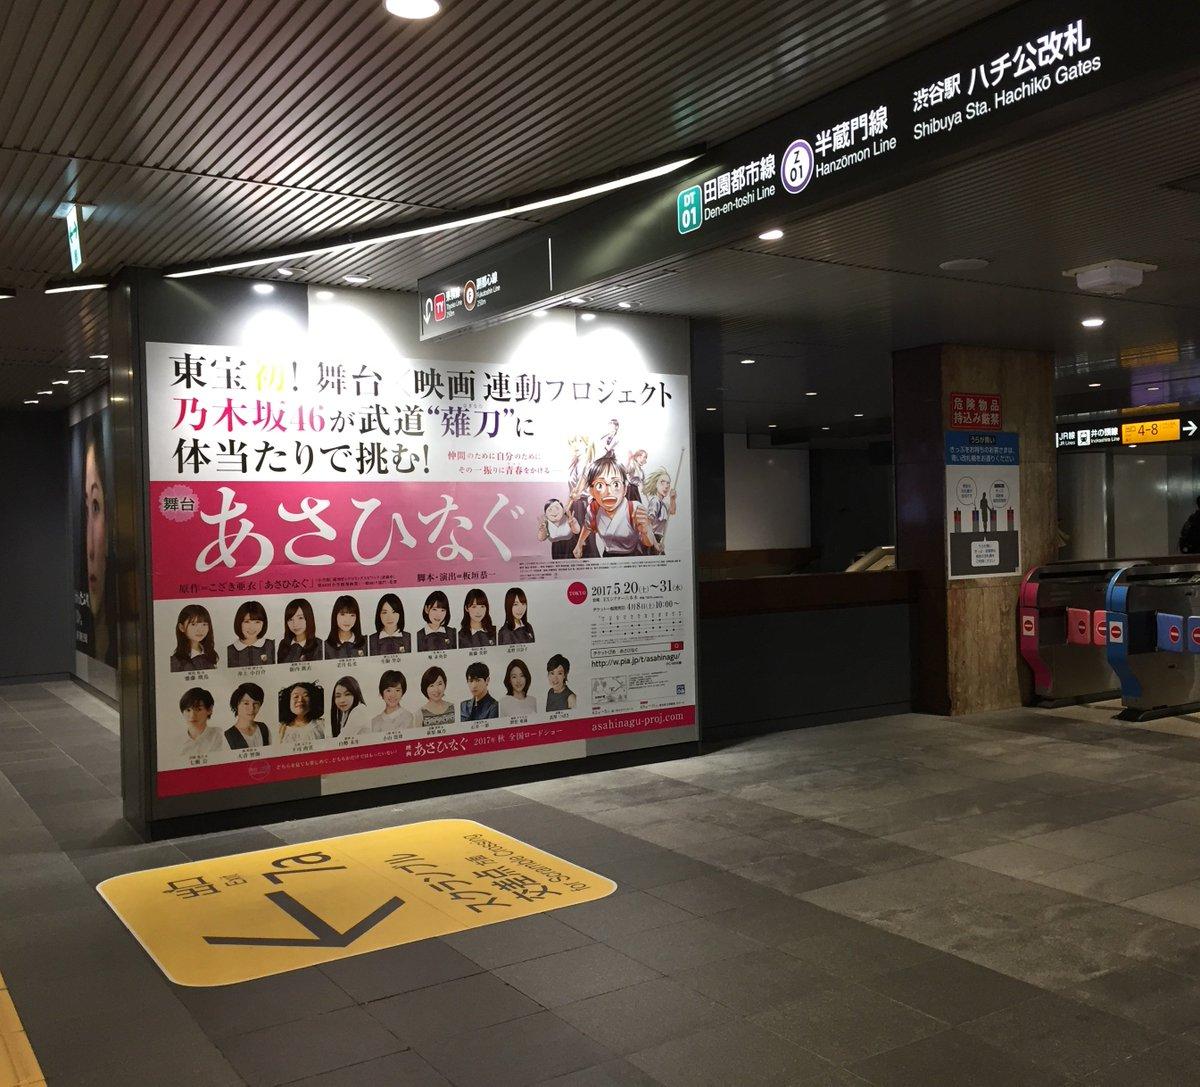 【舞台】舞台「あさひなぐ」のポスターが渋谷駅(JR線・東急田園都市線・京王井の頭線の3か所)で掲出中で...